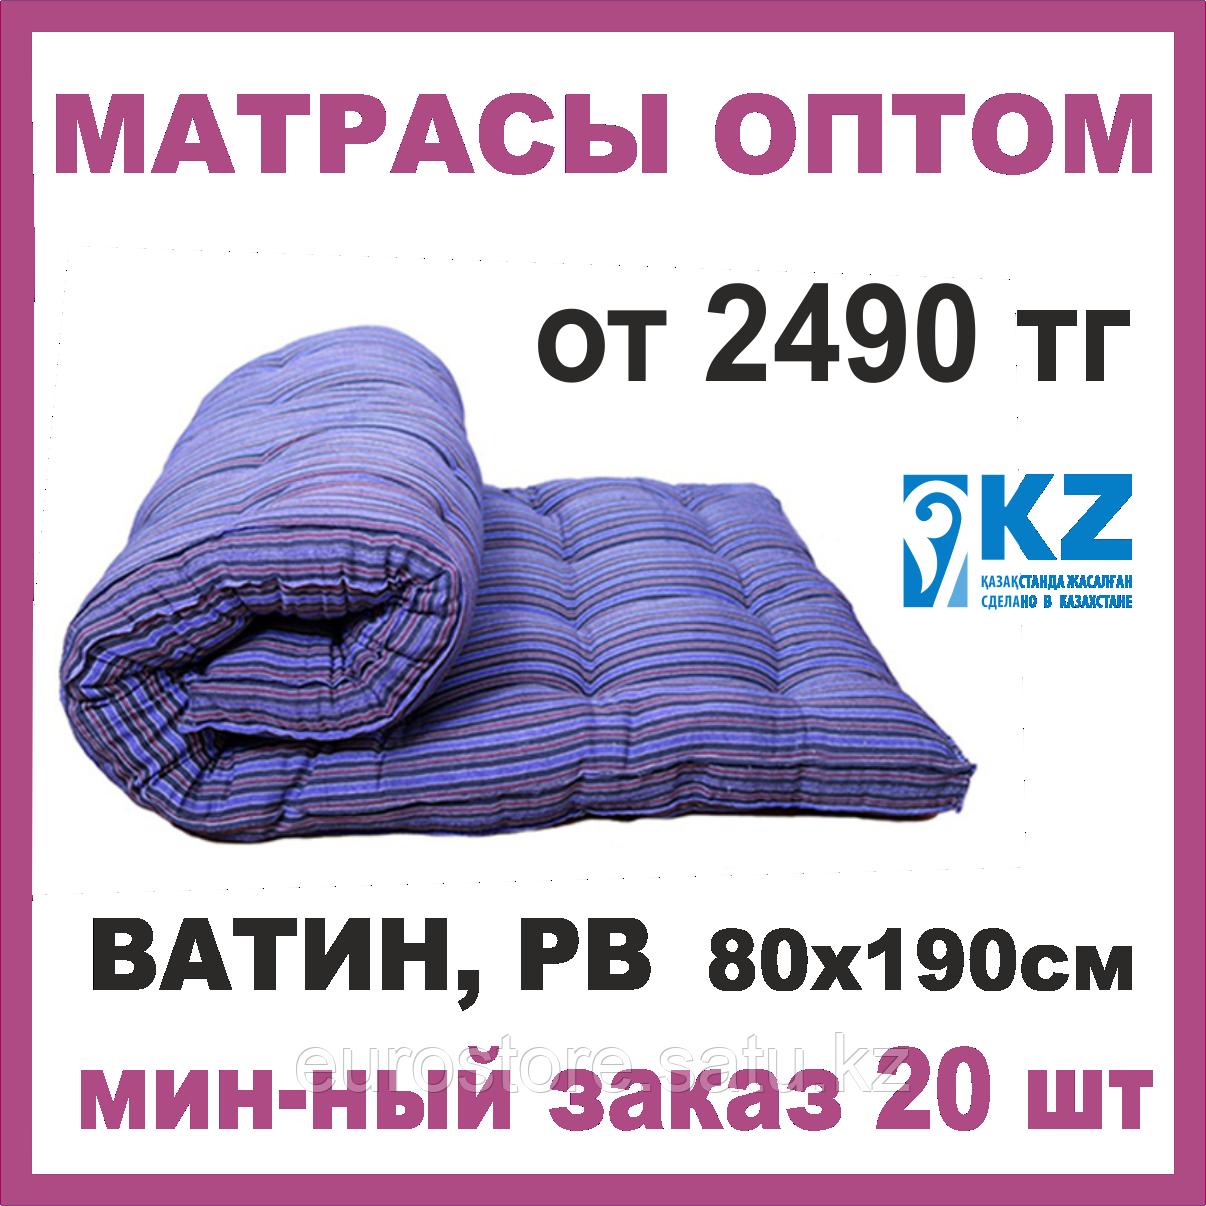 Матрас ватный всех размеров 80х190